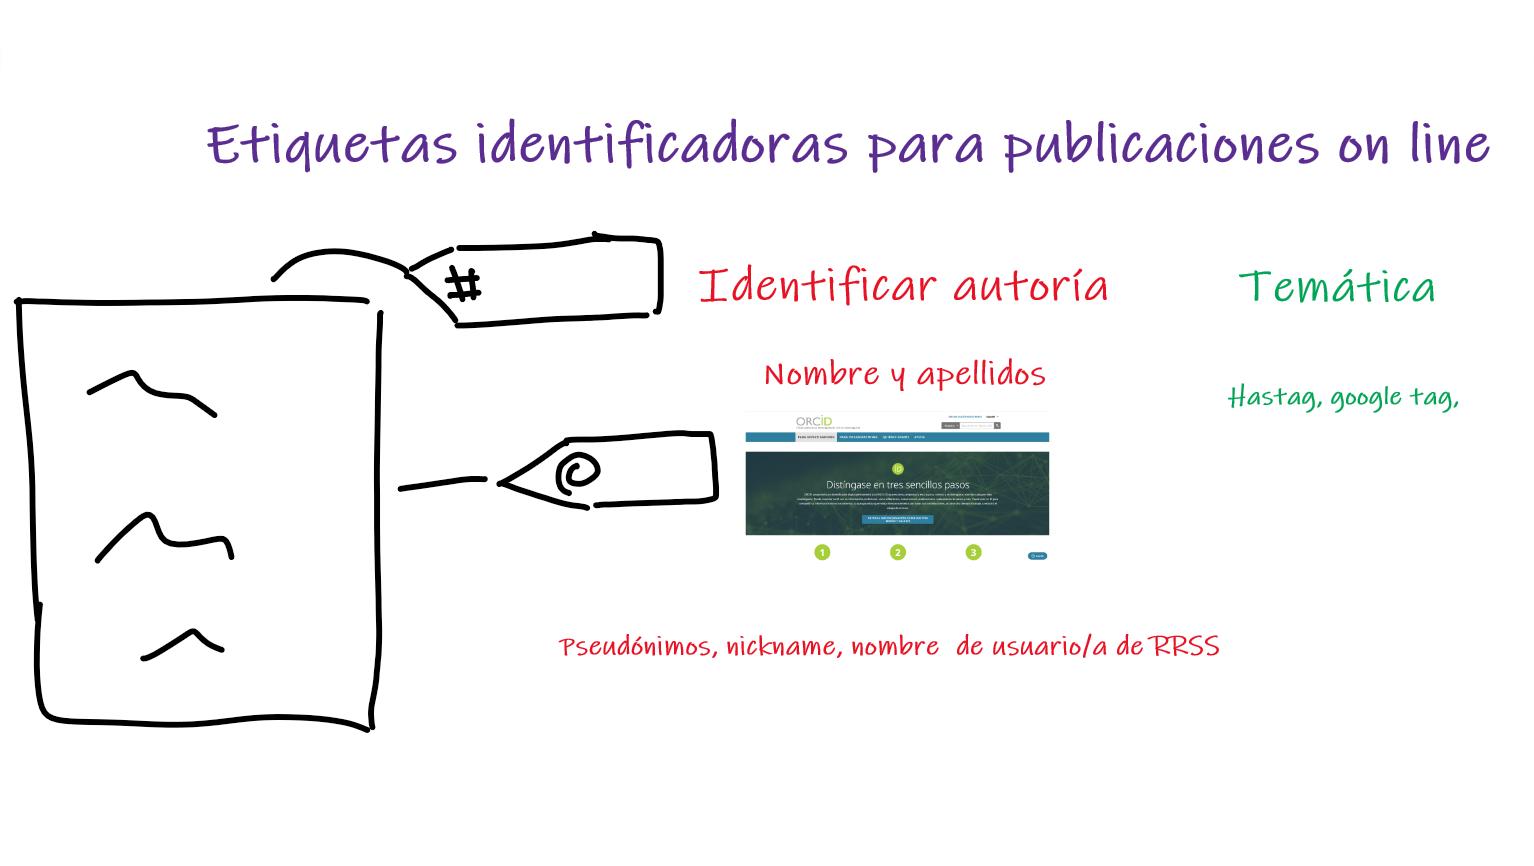 Tipos de etiquetas para identificación on line. De autoría y de temática, incluye imagen de la pantalla inicial de ORCID.